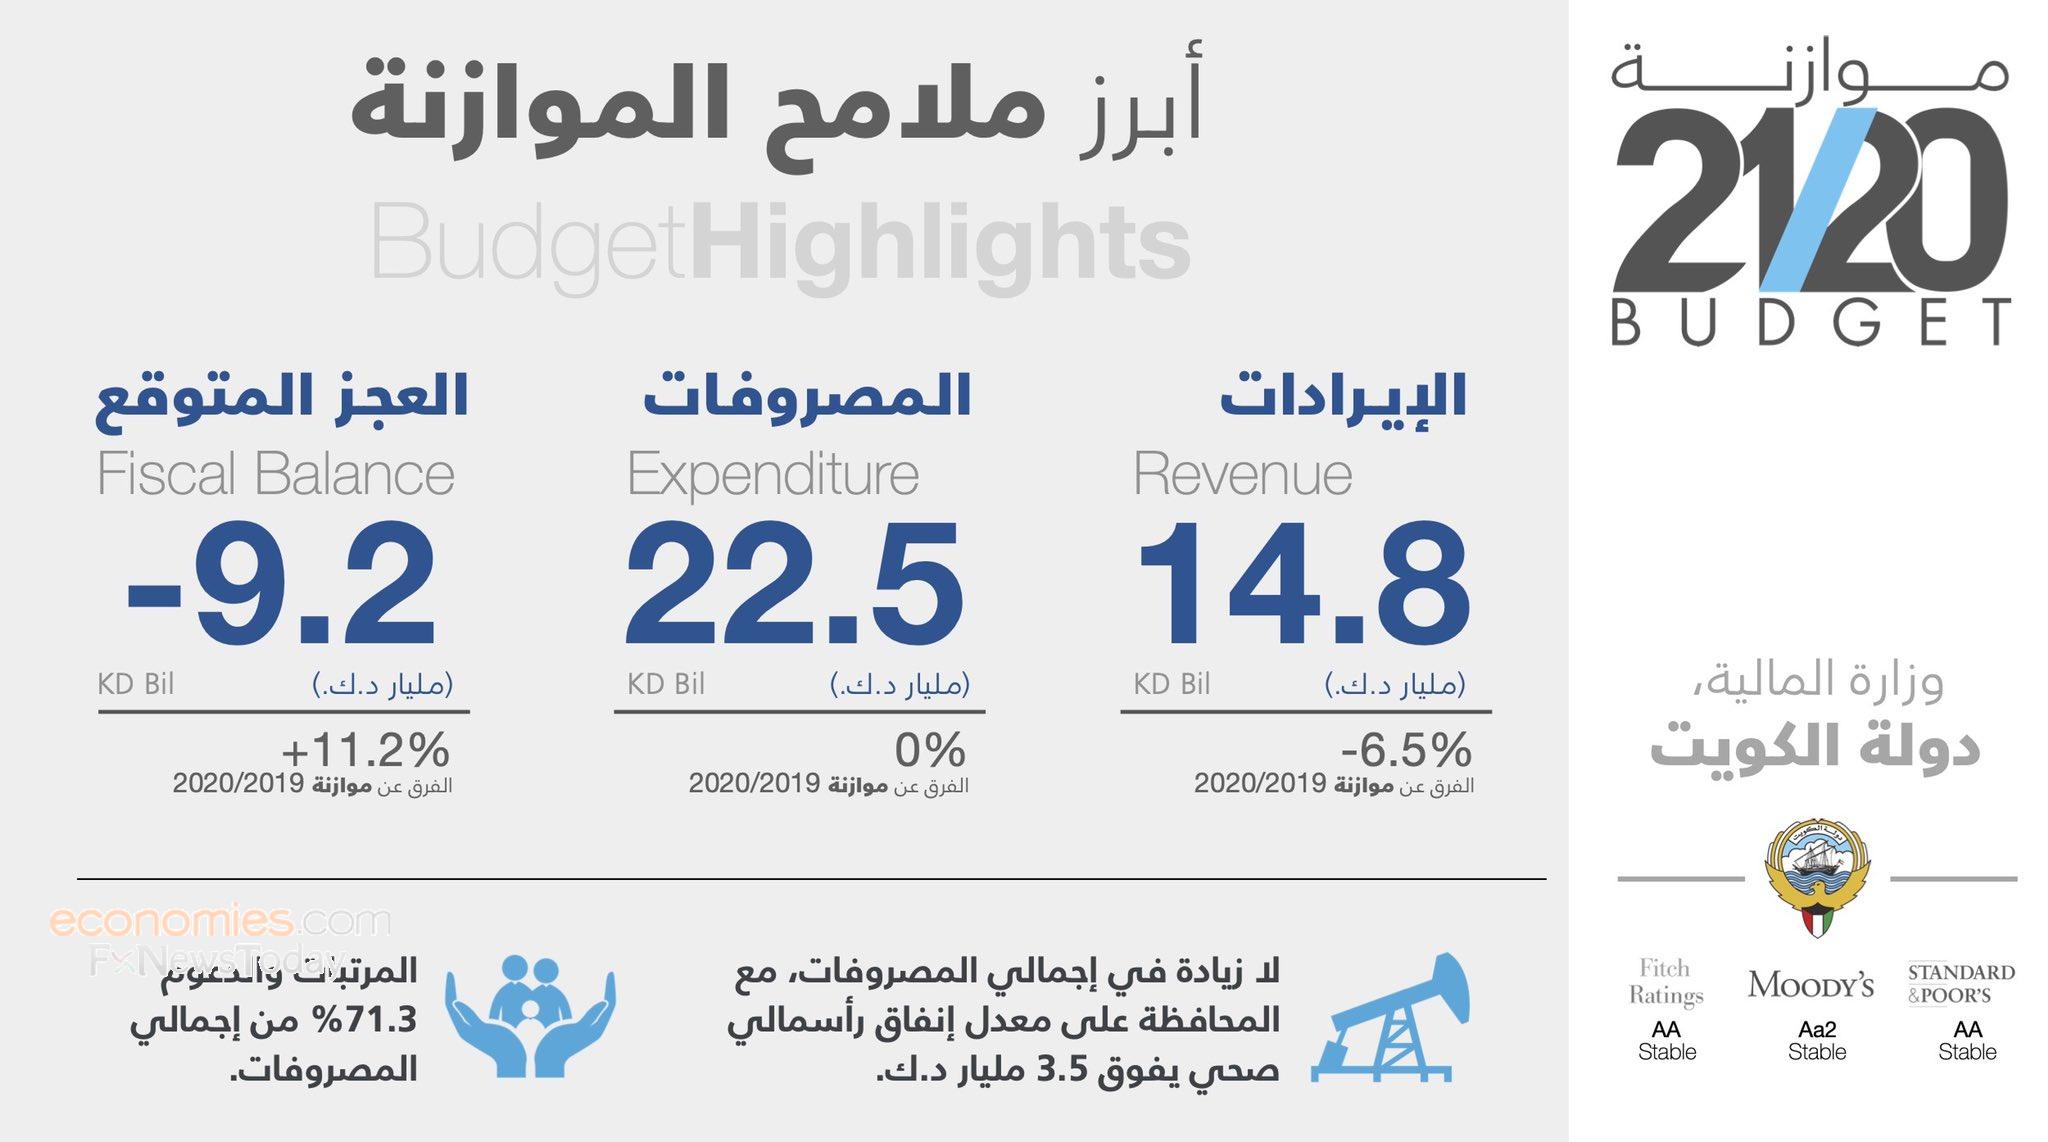 الكويت تكشف عن ميزانية 2020 بعجز مقداره 30.3 مليار دولار